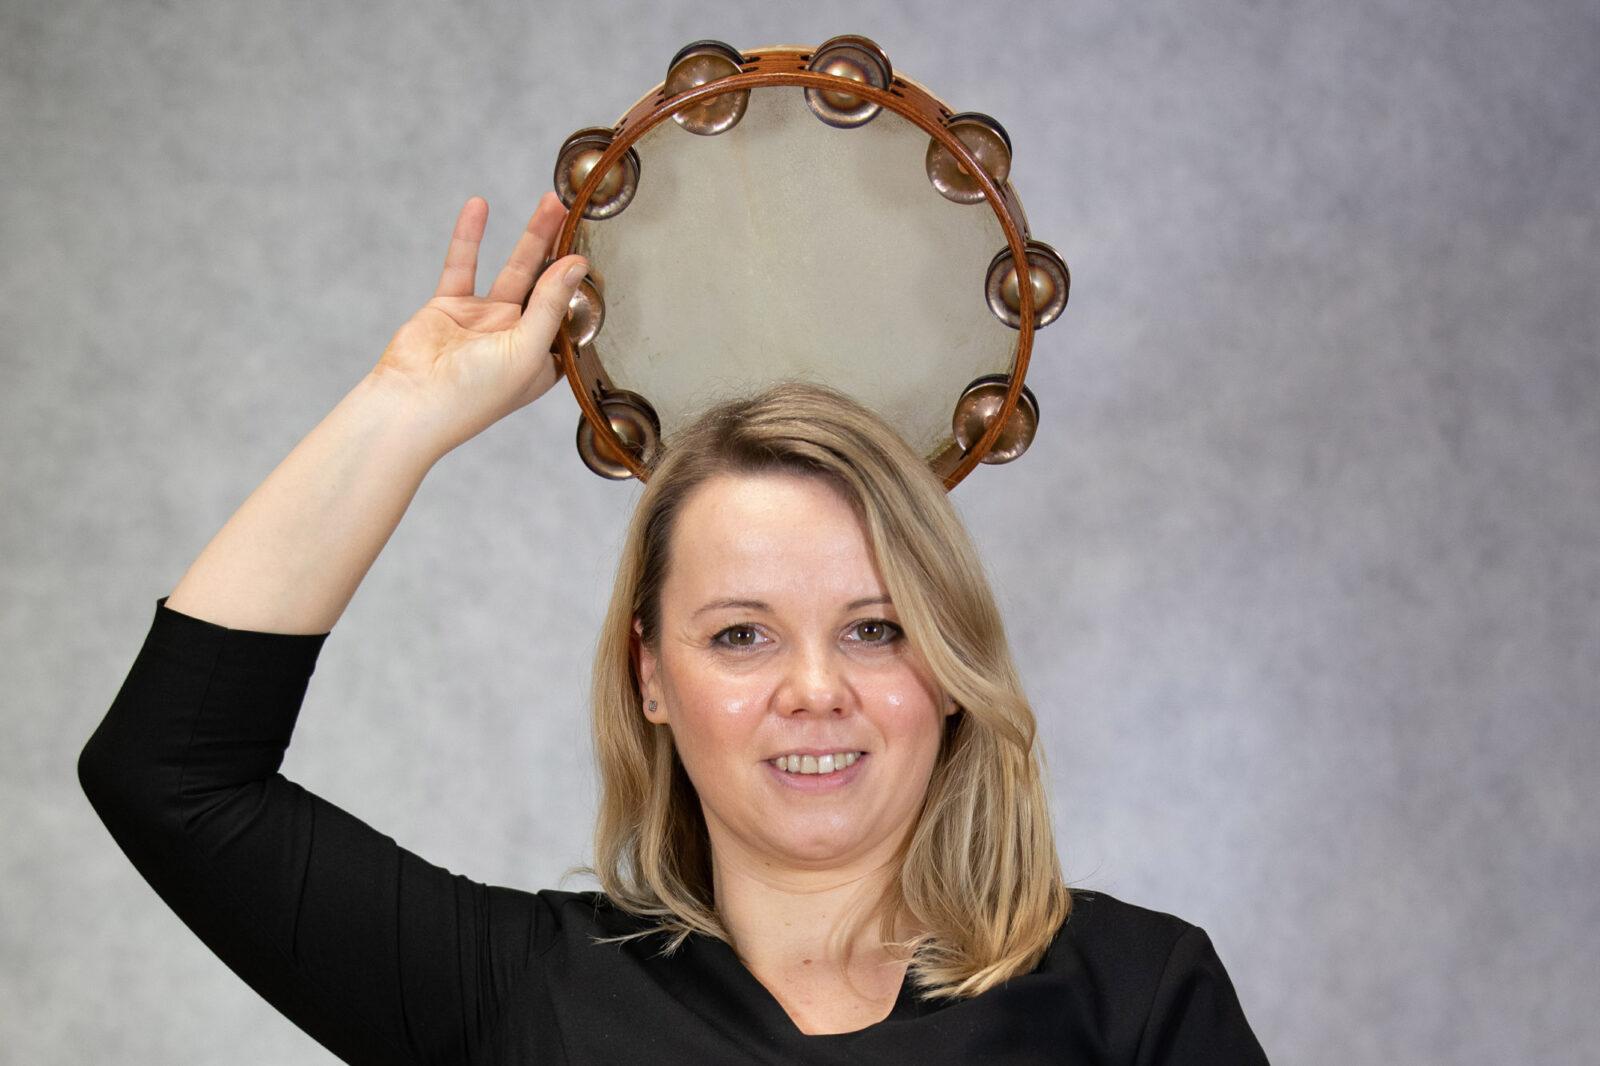 Zdjęcie Ilony Drozd trzymającej tamburyn nad głową